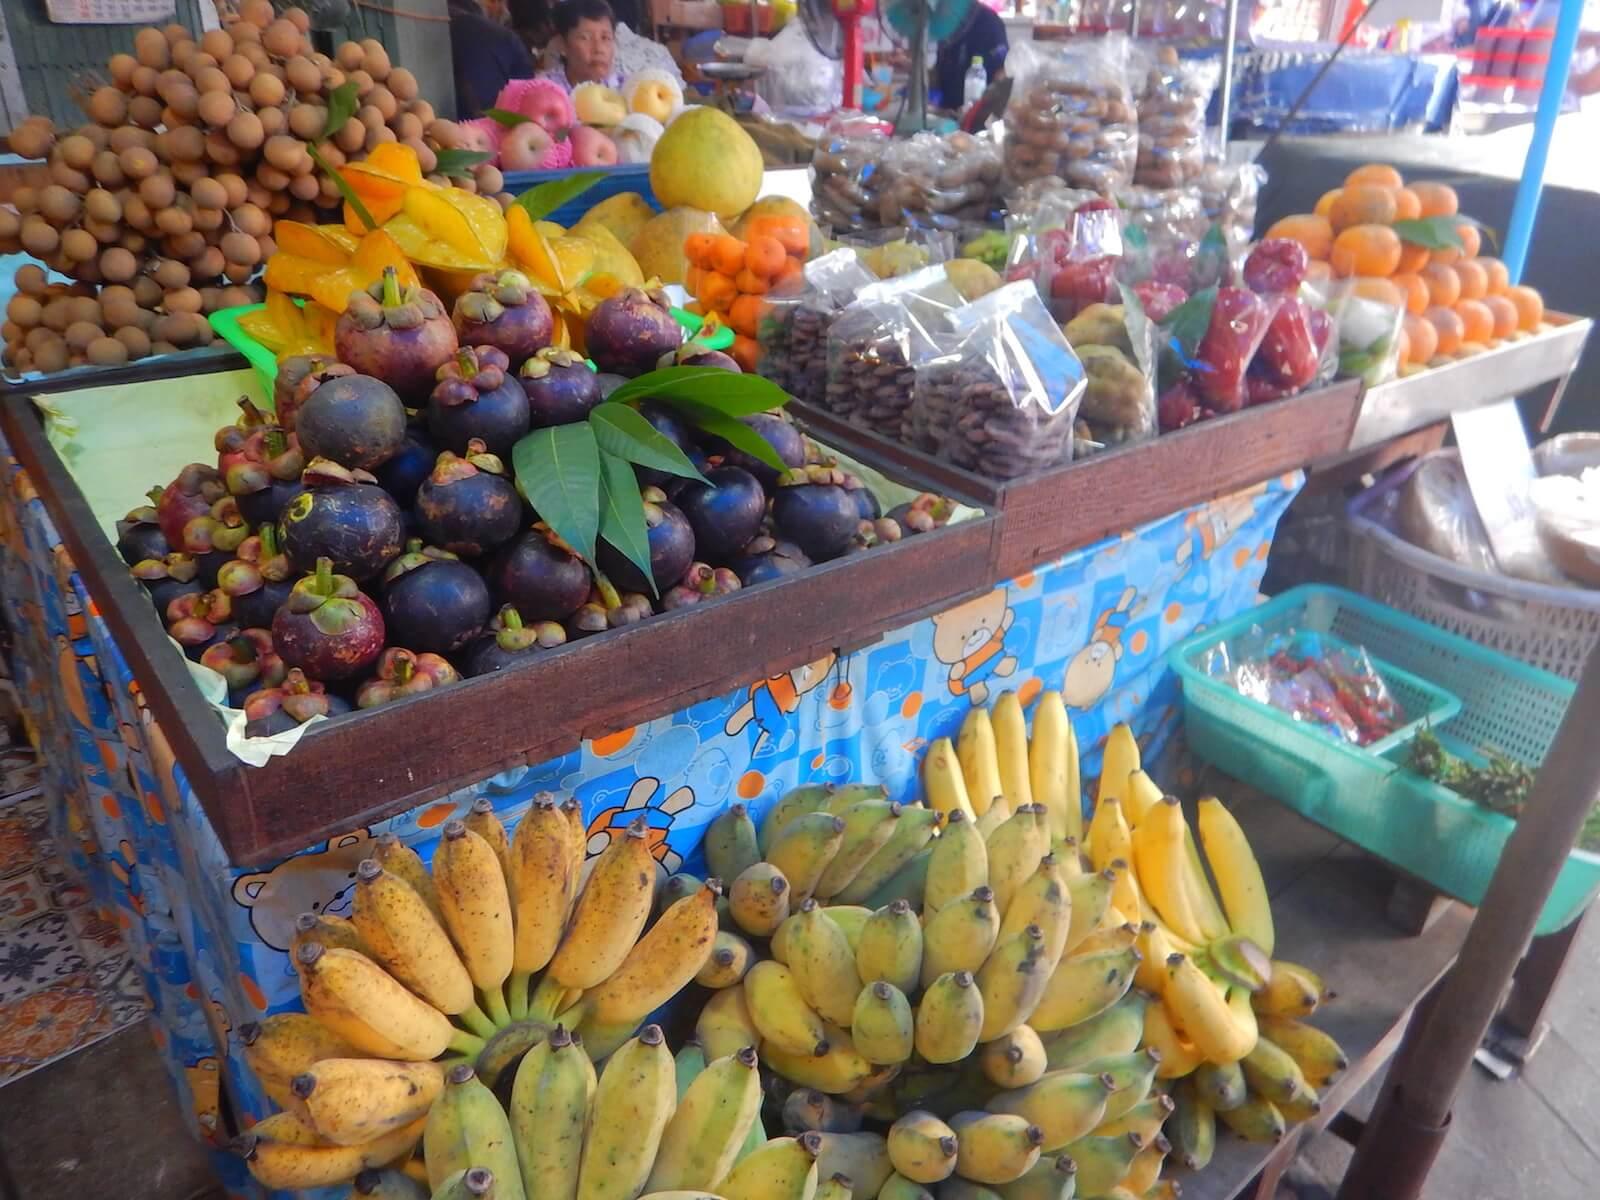 タイって果物の種類がたくさんある気がする